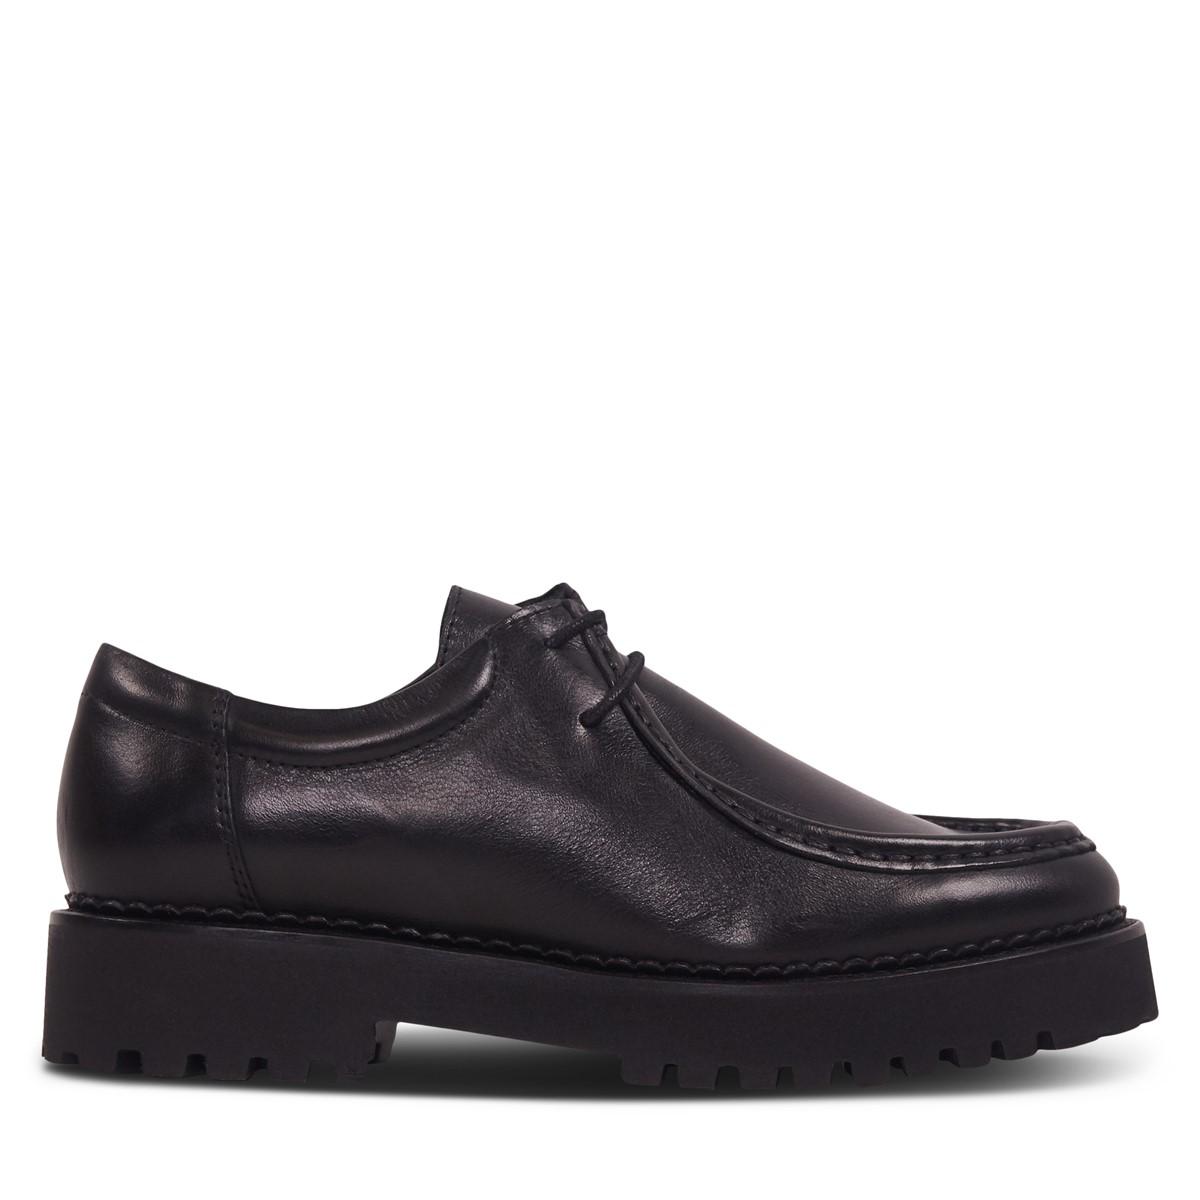 Women's Jeanne Shoes in Black